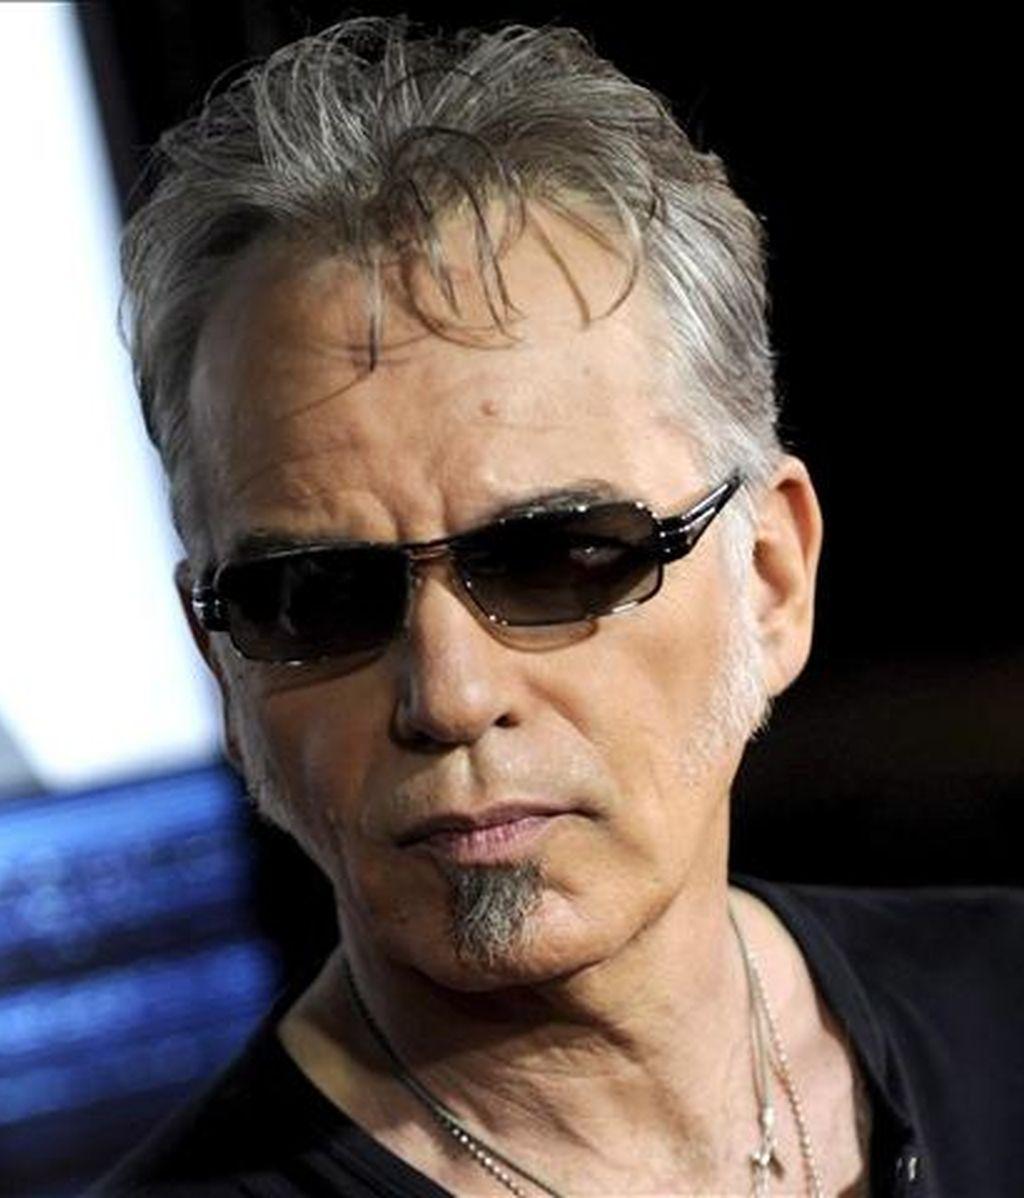 """Thornton, conocido por su actuación en películas como """"Monster's Ball"""" (2000) y """"The Alamo"""" (2004), y por el Óscar al Mejor Guión Adaptado que obtuvo en 1997 por """"Sling Blade"""", se encuentra de gira por Canadá con su banda de rock The Boxcutters. EFE/Archivo"""